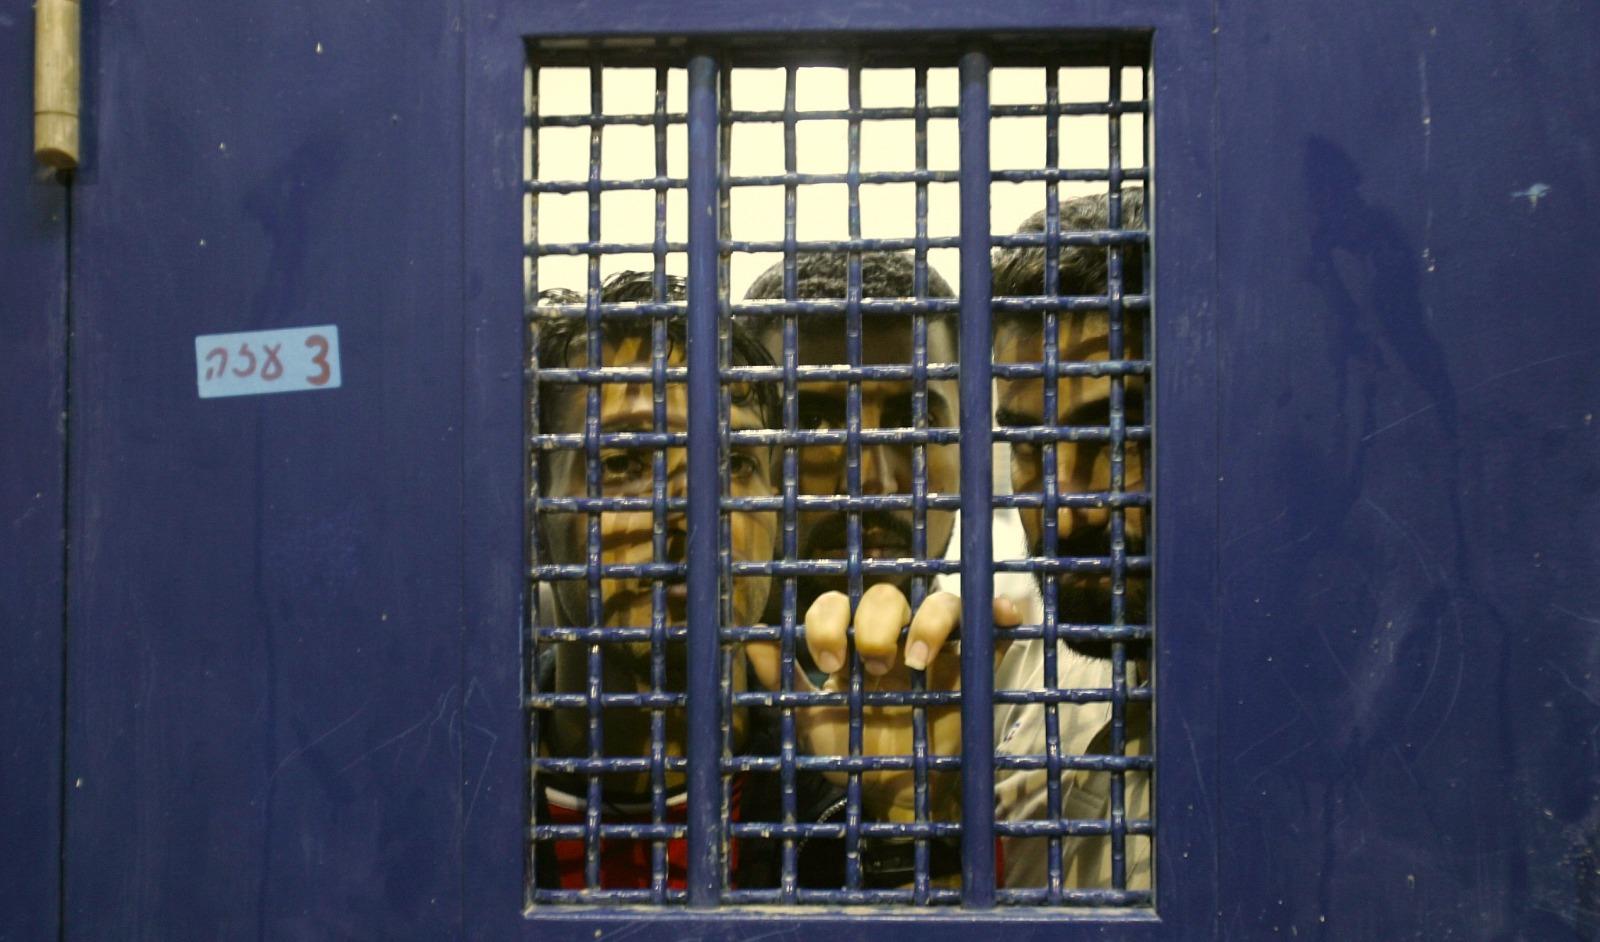 لا فحوصات ولا معقّمات.. كارثة على أسوار السجن